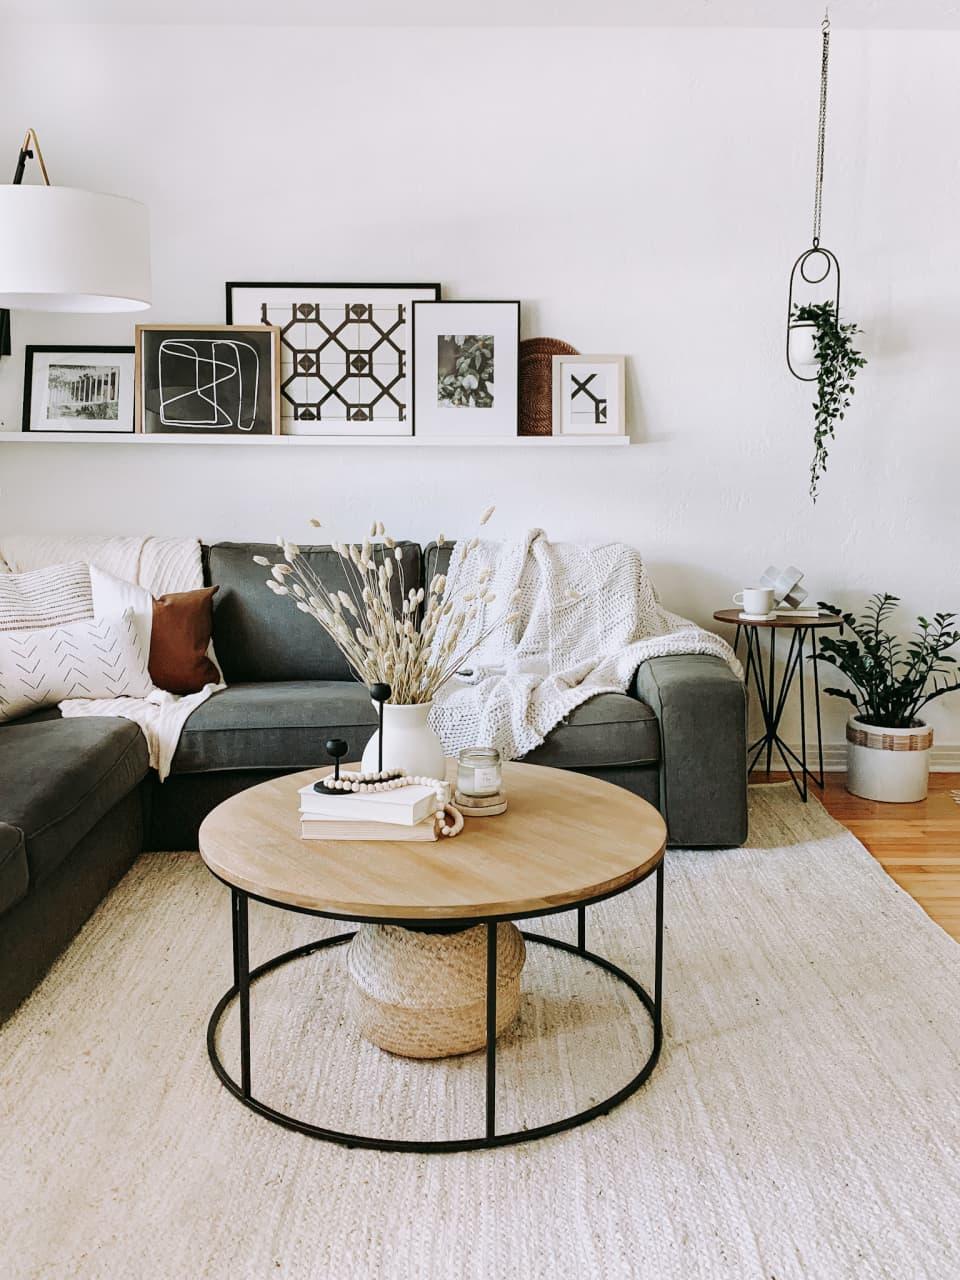 19++ Earthy living room ideas ideas in 2021